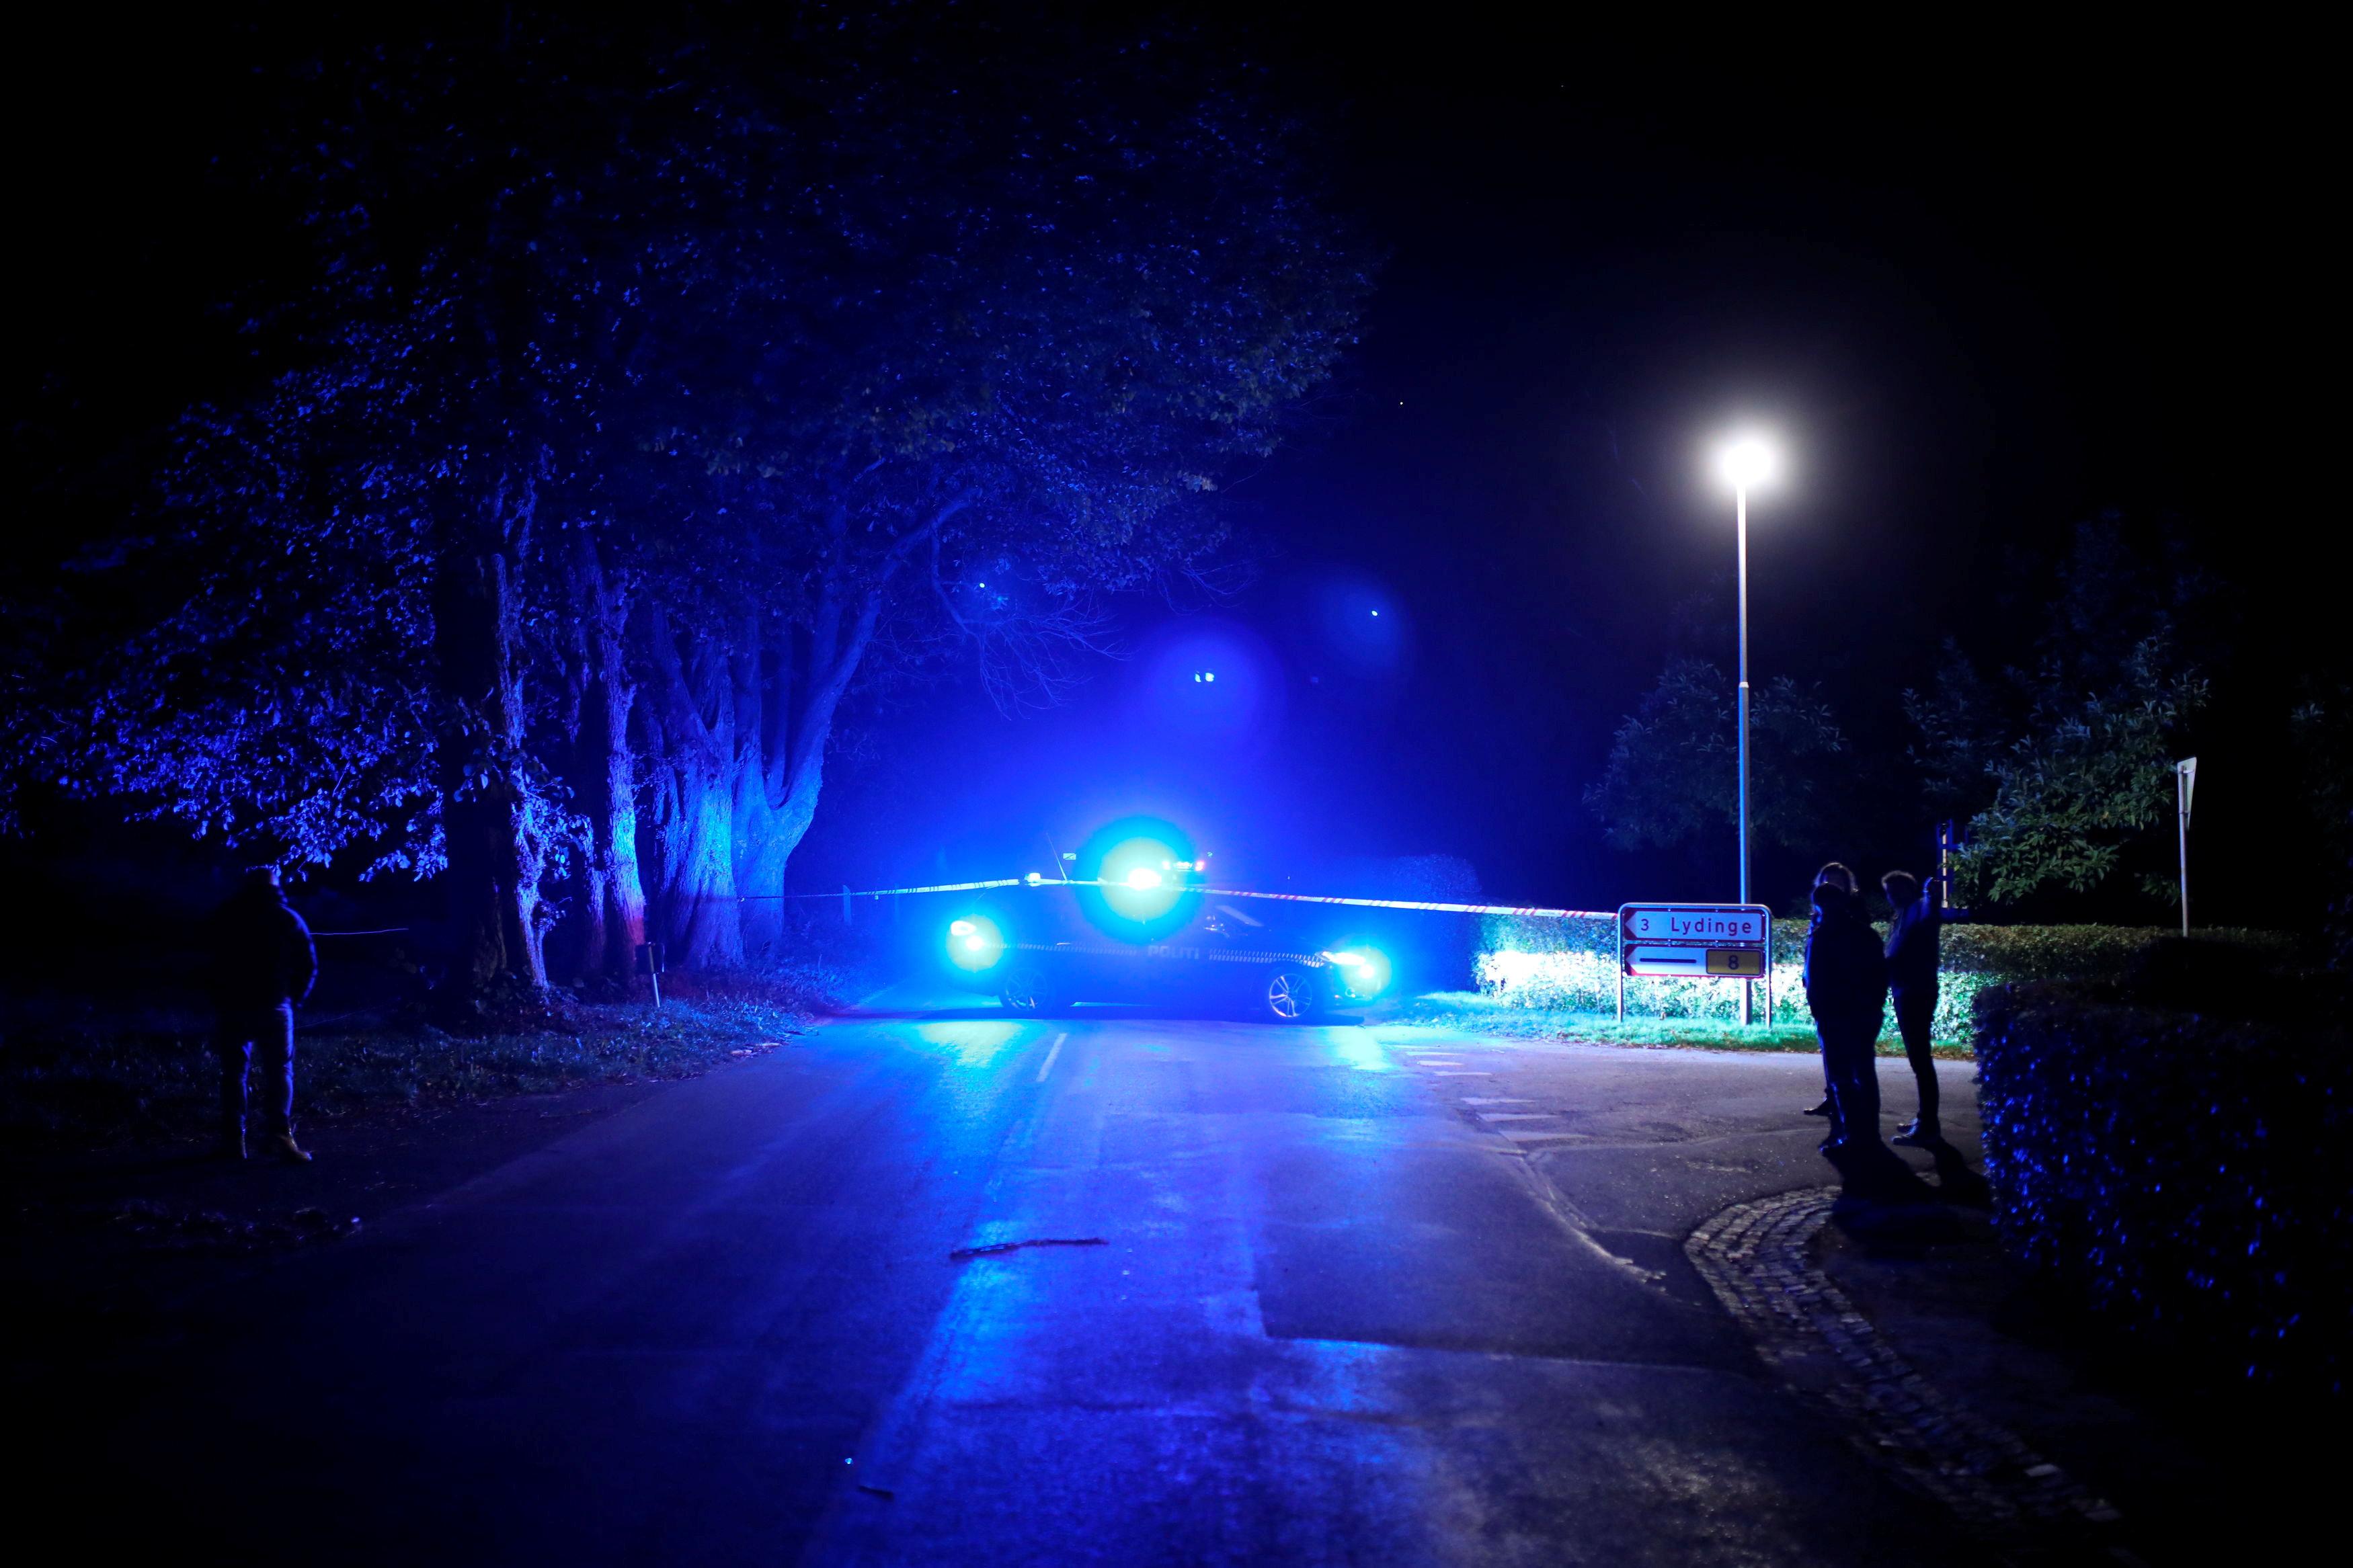 الشرطة الدنماركية تنتشر خلال العملية الأمنية